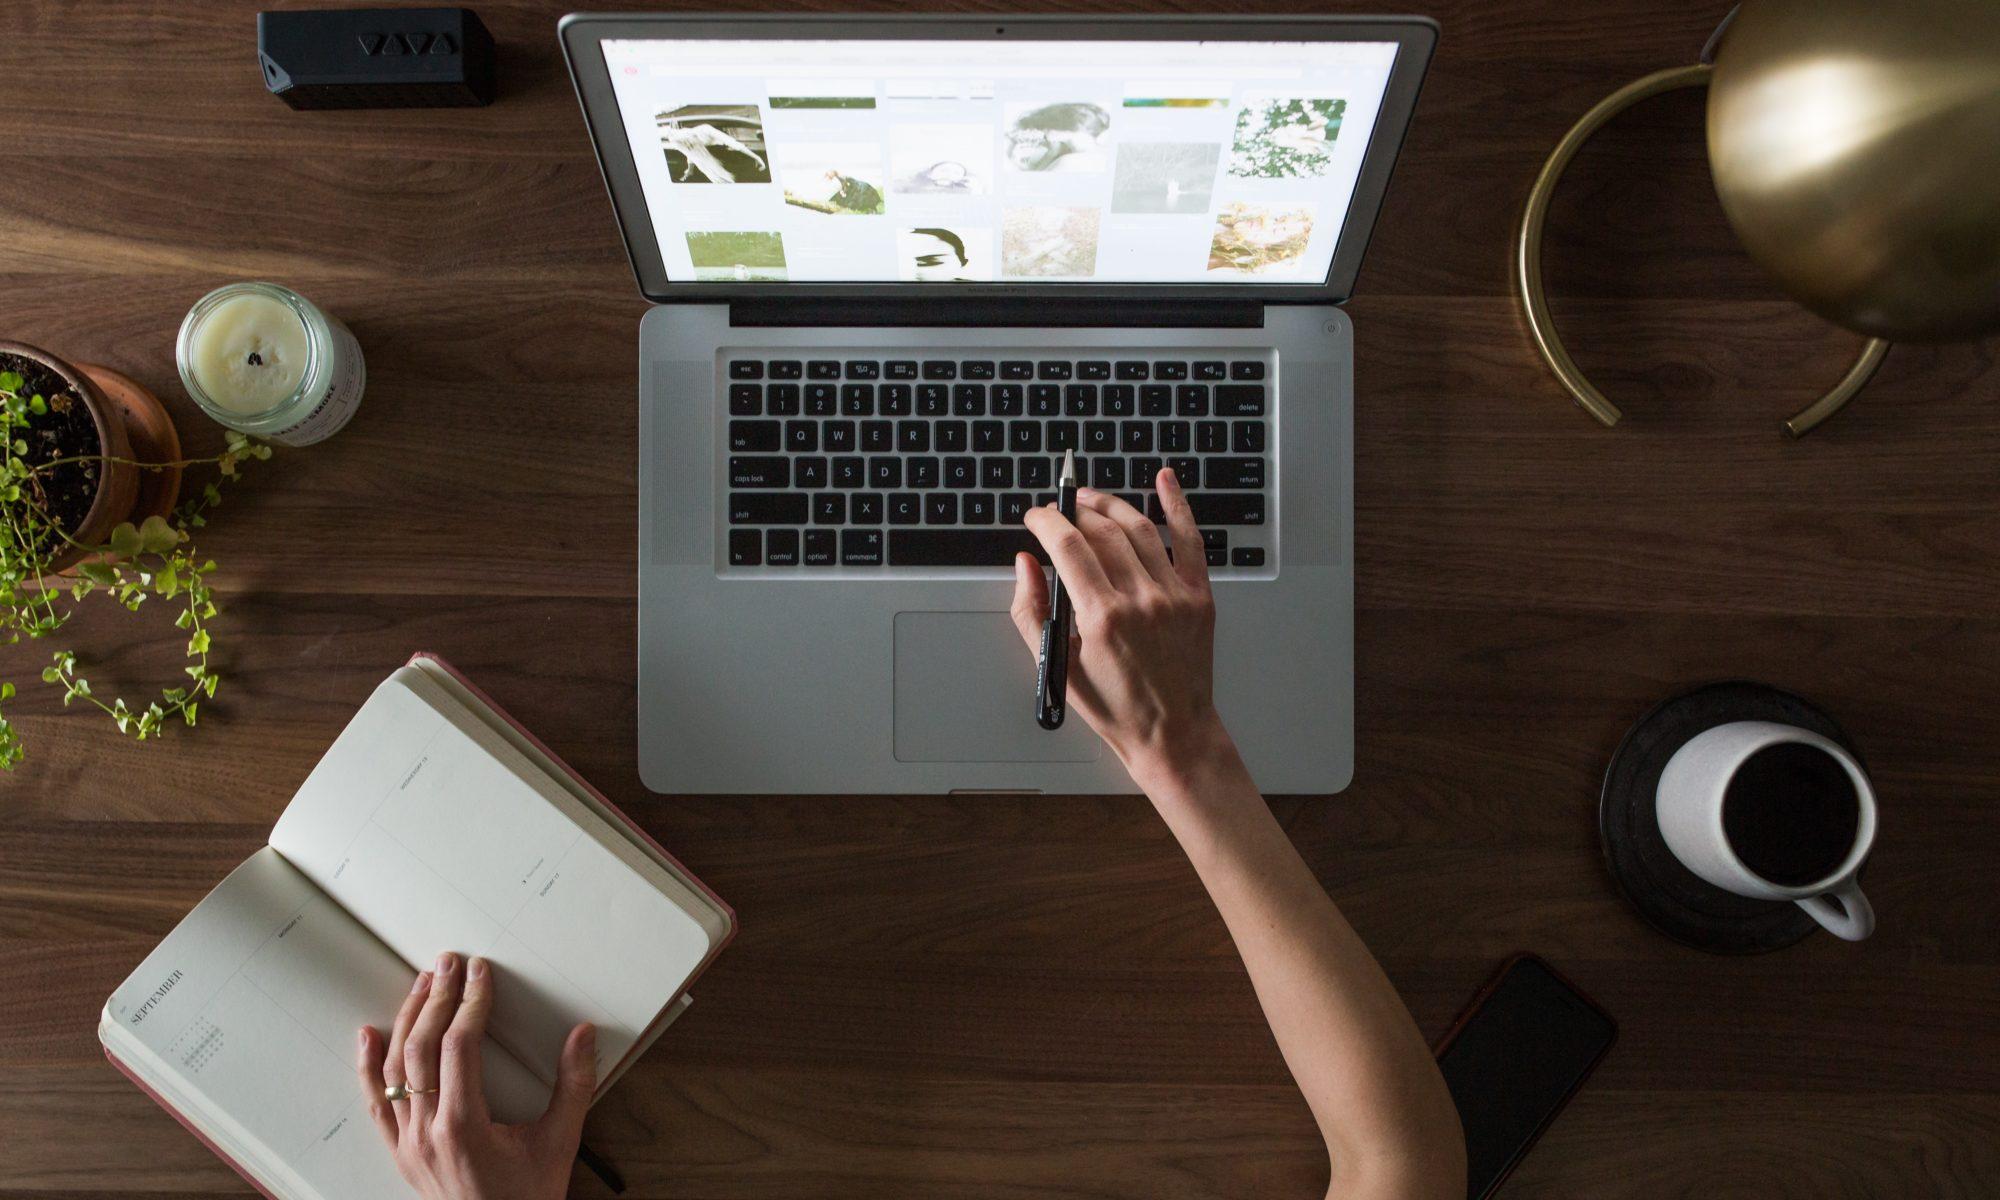 computer-desk-hand